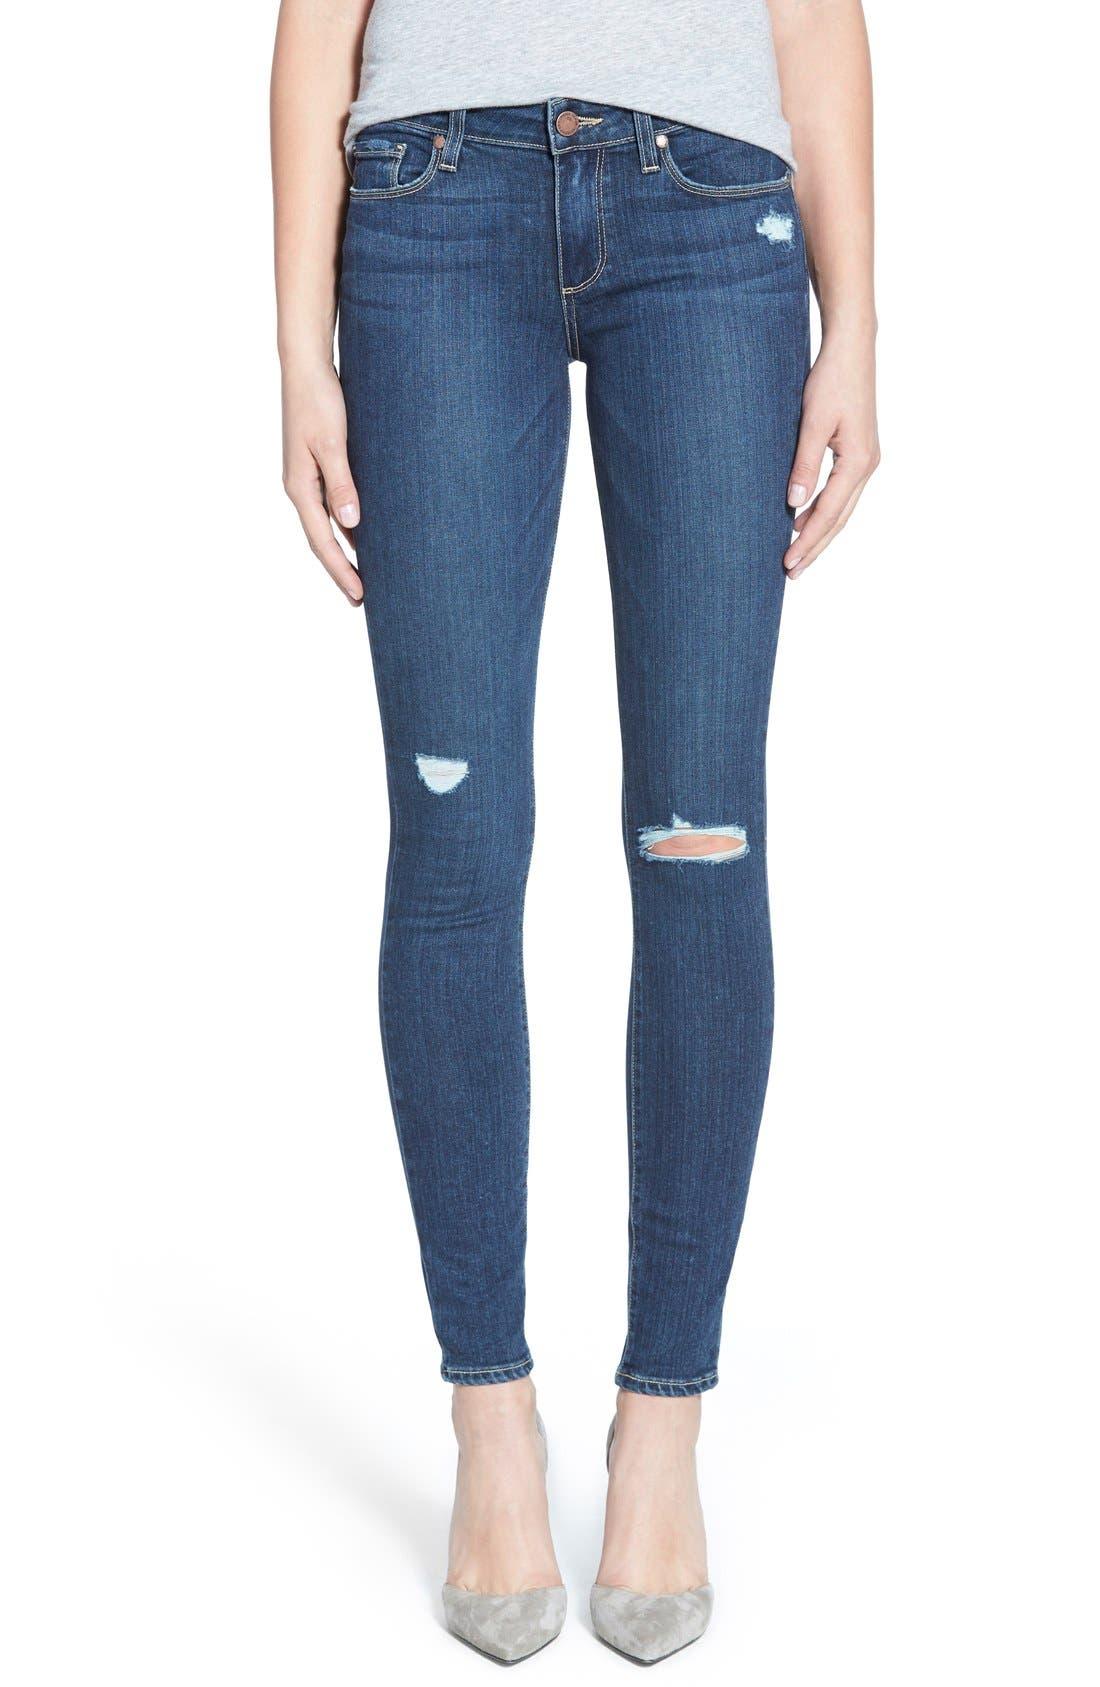 Alternate Image 1 Selected - Paige Denim 'Transcend - Verdugo' Ultra Skinny Jeans (Elia Destructed)